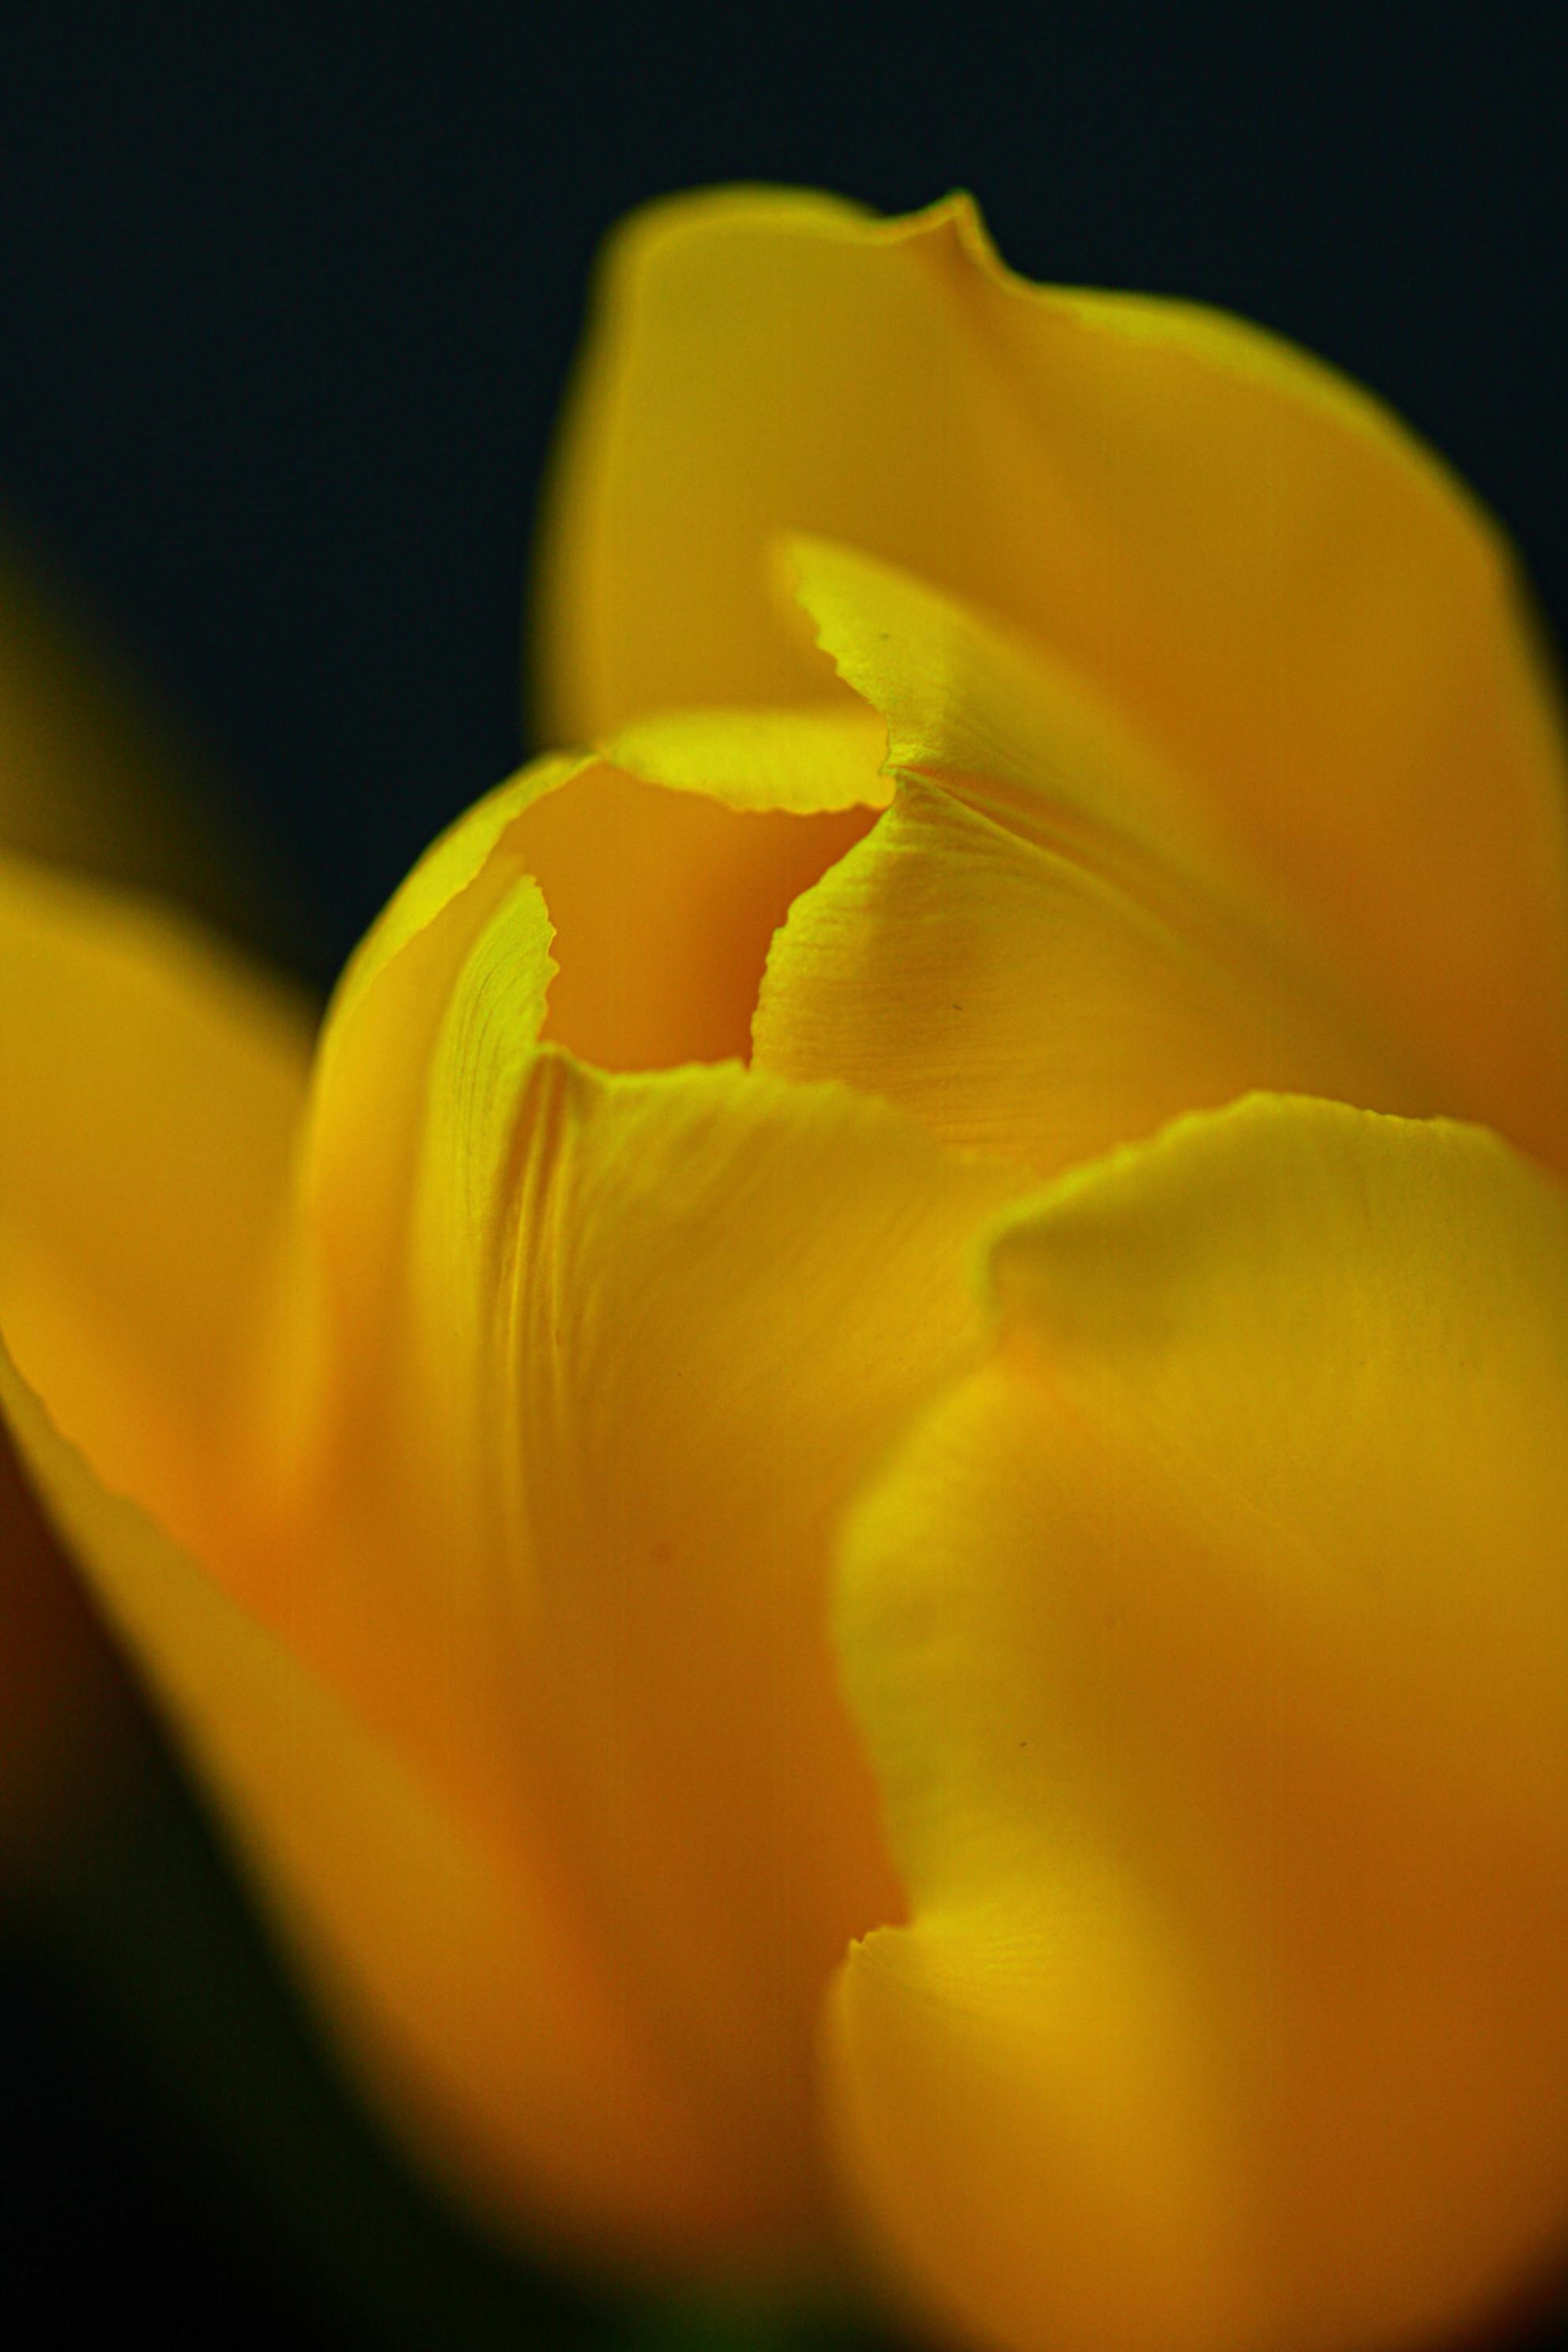 IMG_3992 - - - foto door maritabma op 08-03-2021 - deze foto bevat: macro, lente, natuur